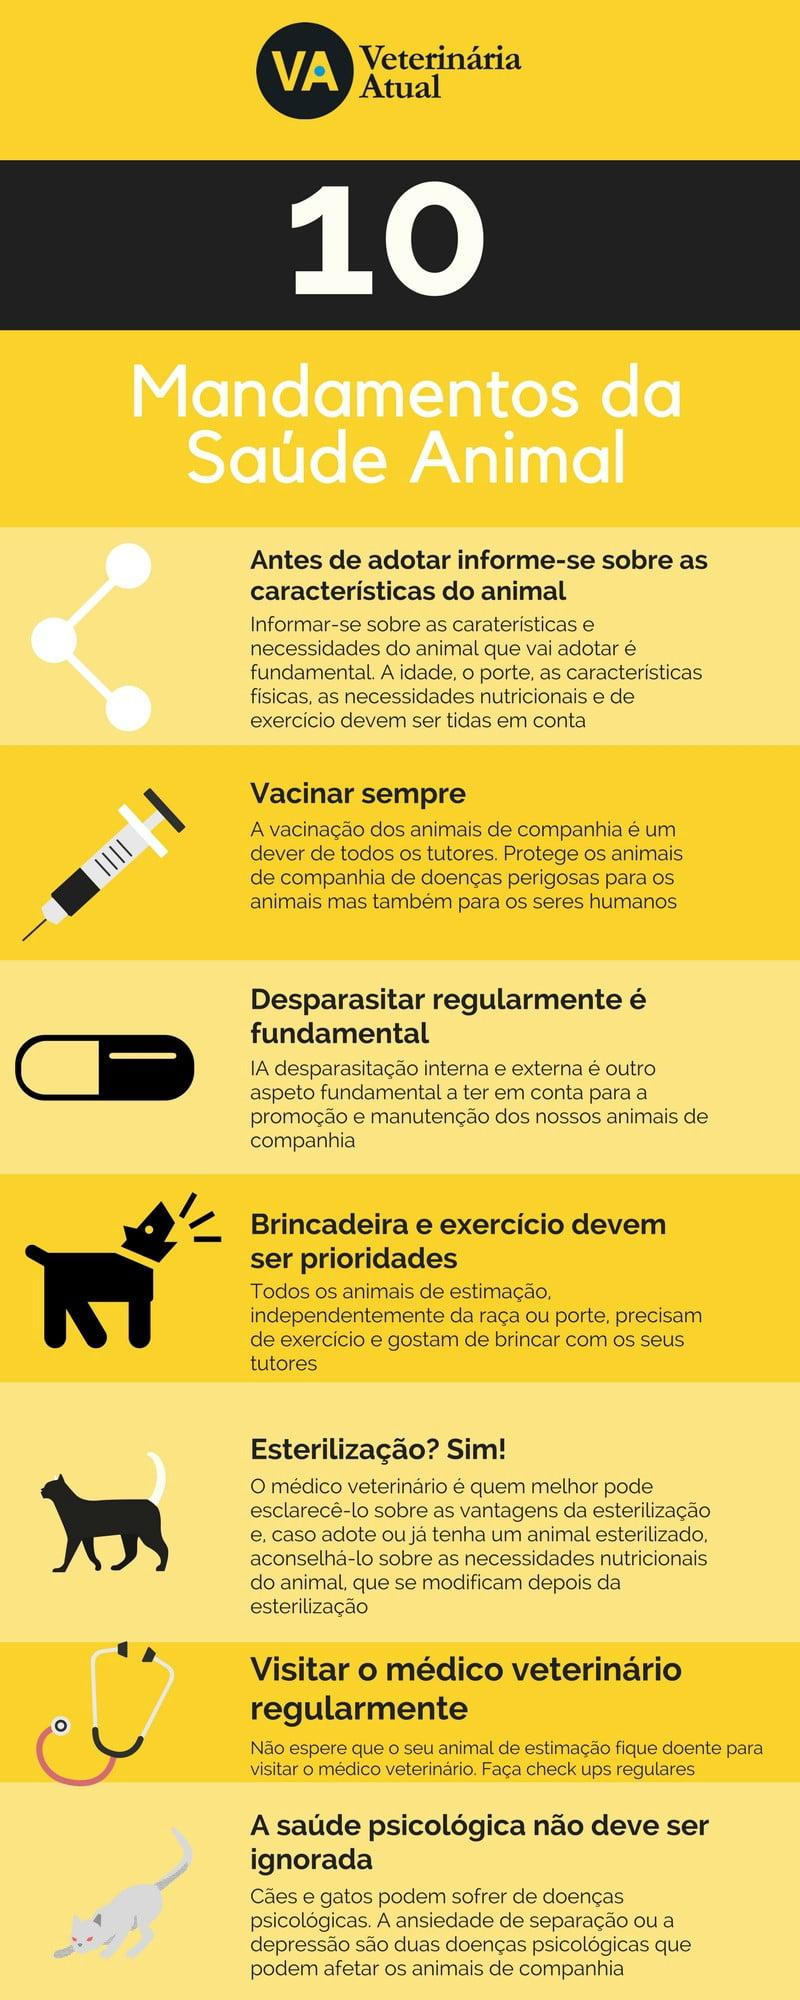 Celebra-se amanhã (28 de abril) o Dia Mundial do Médico Veterinário.